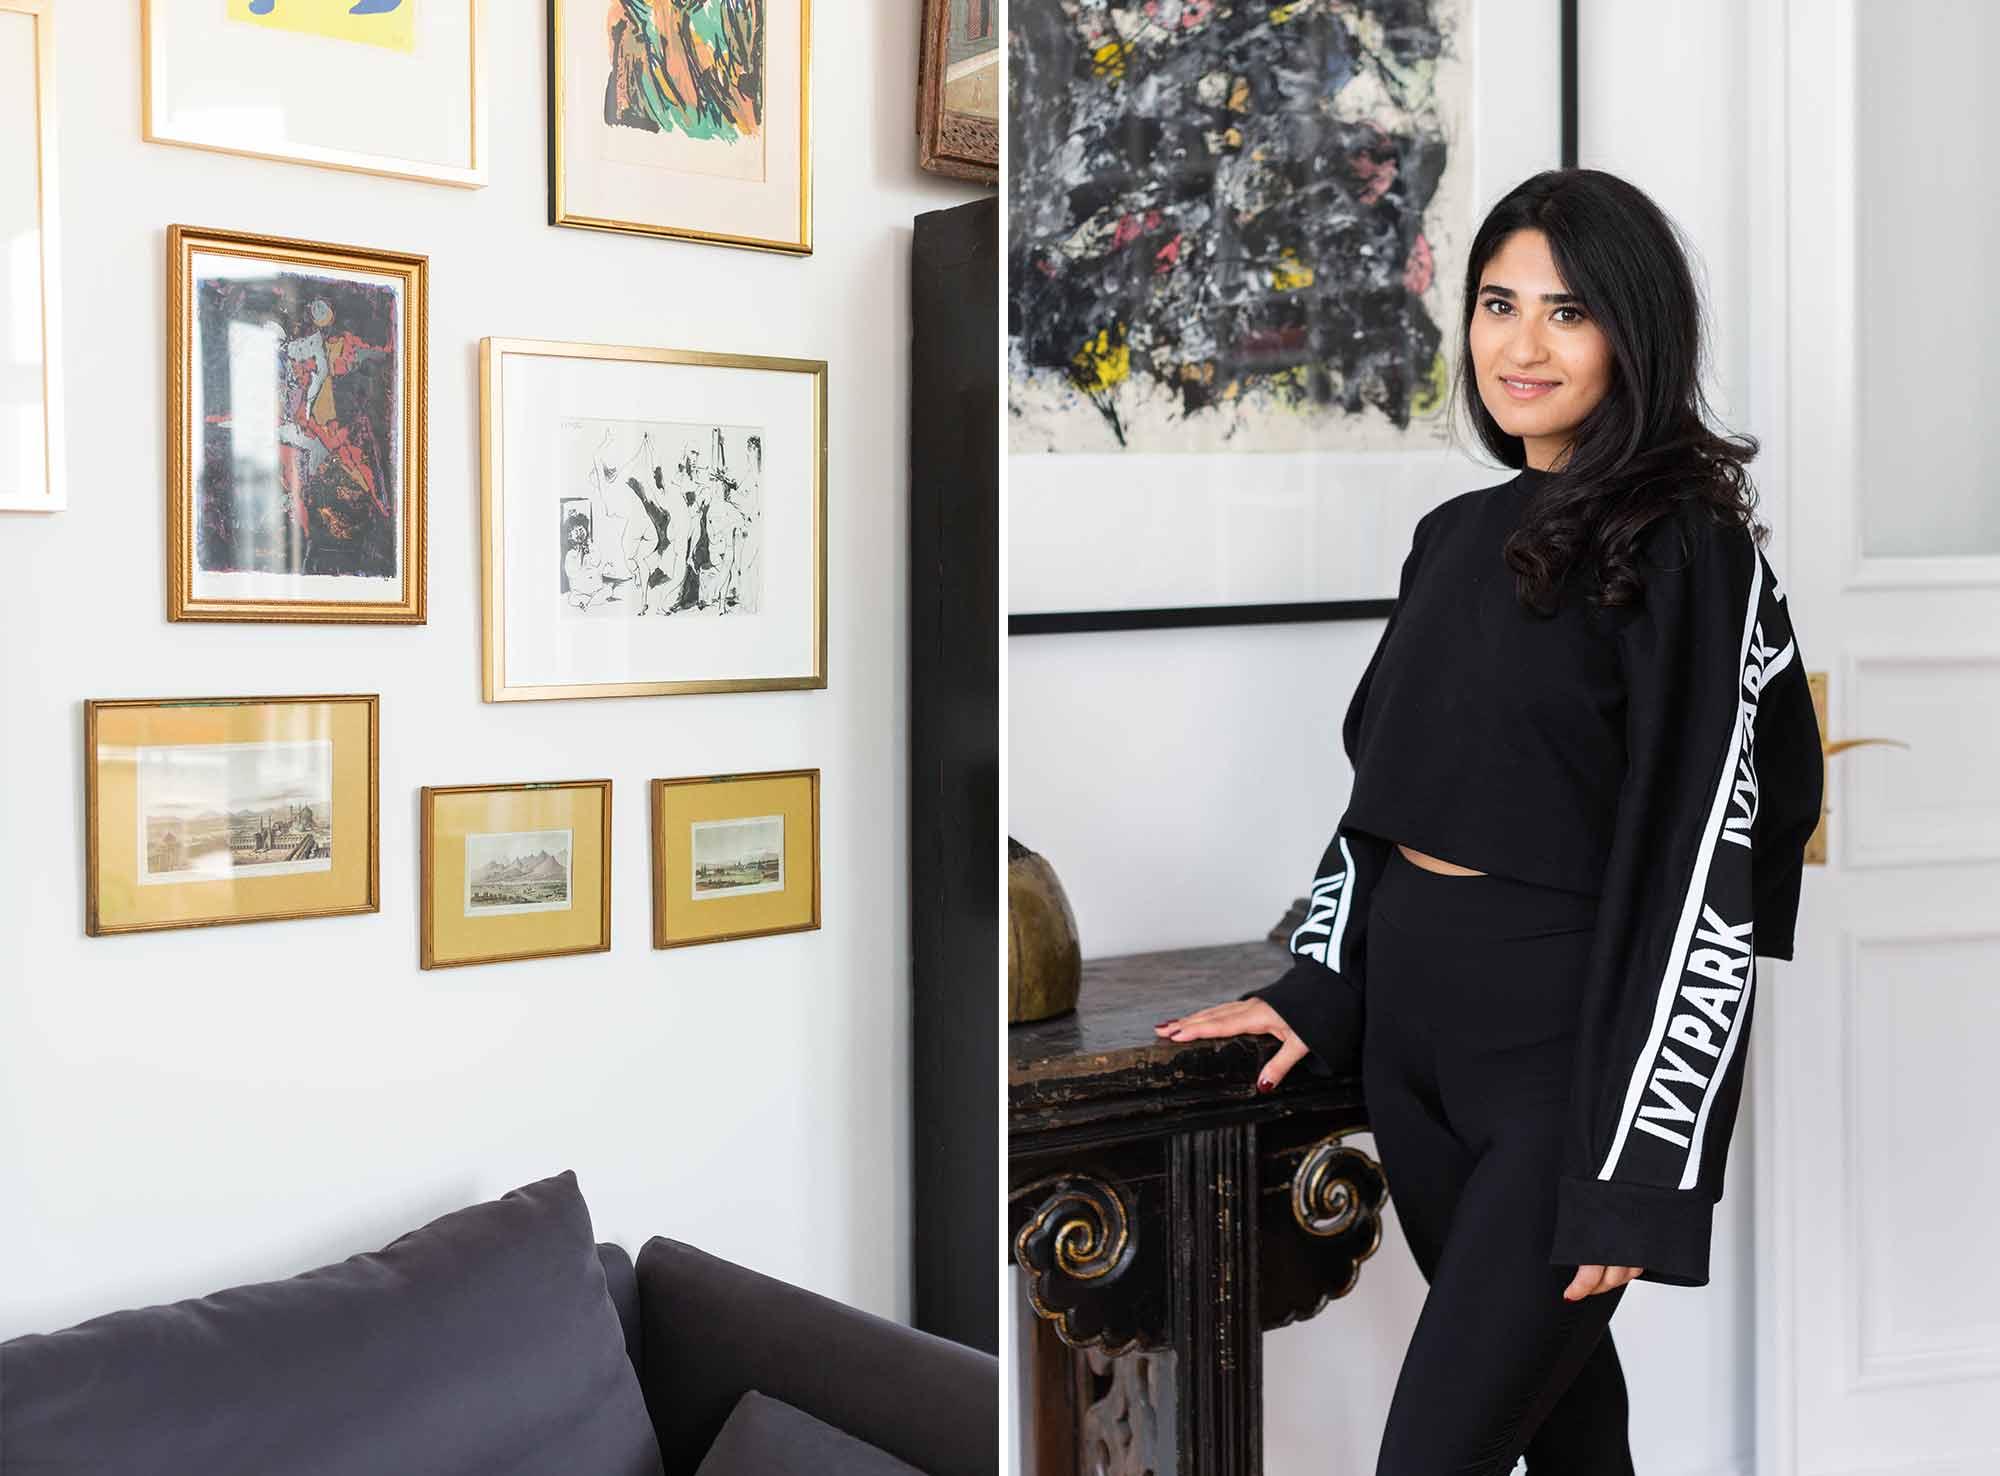 11-AnahitaSadighi-julia-novy